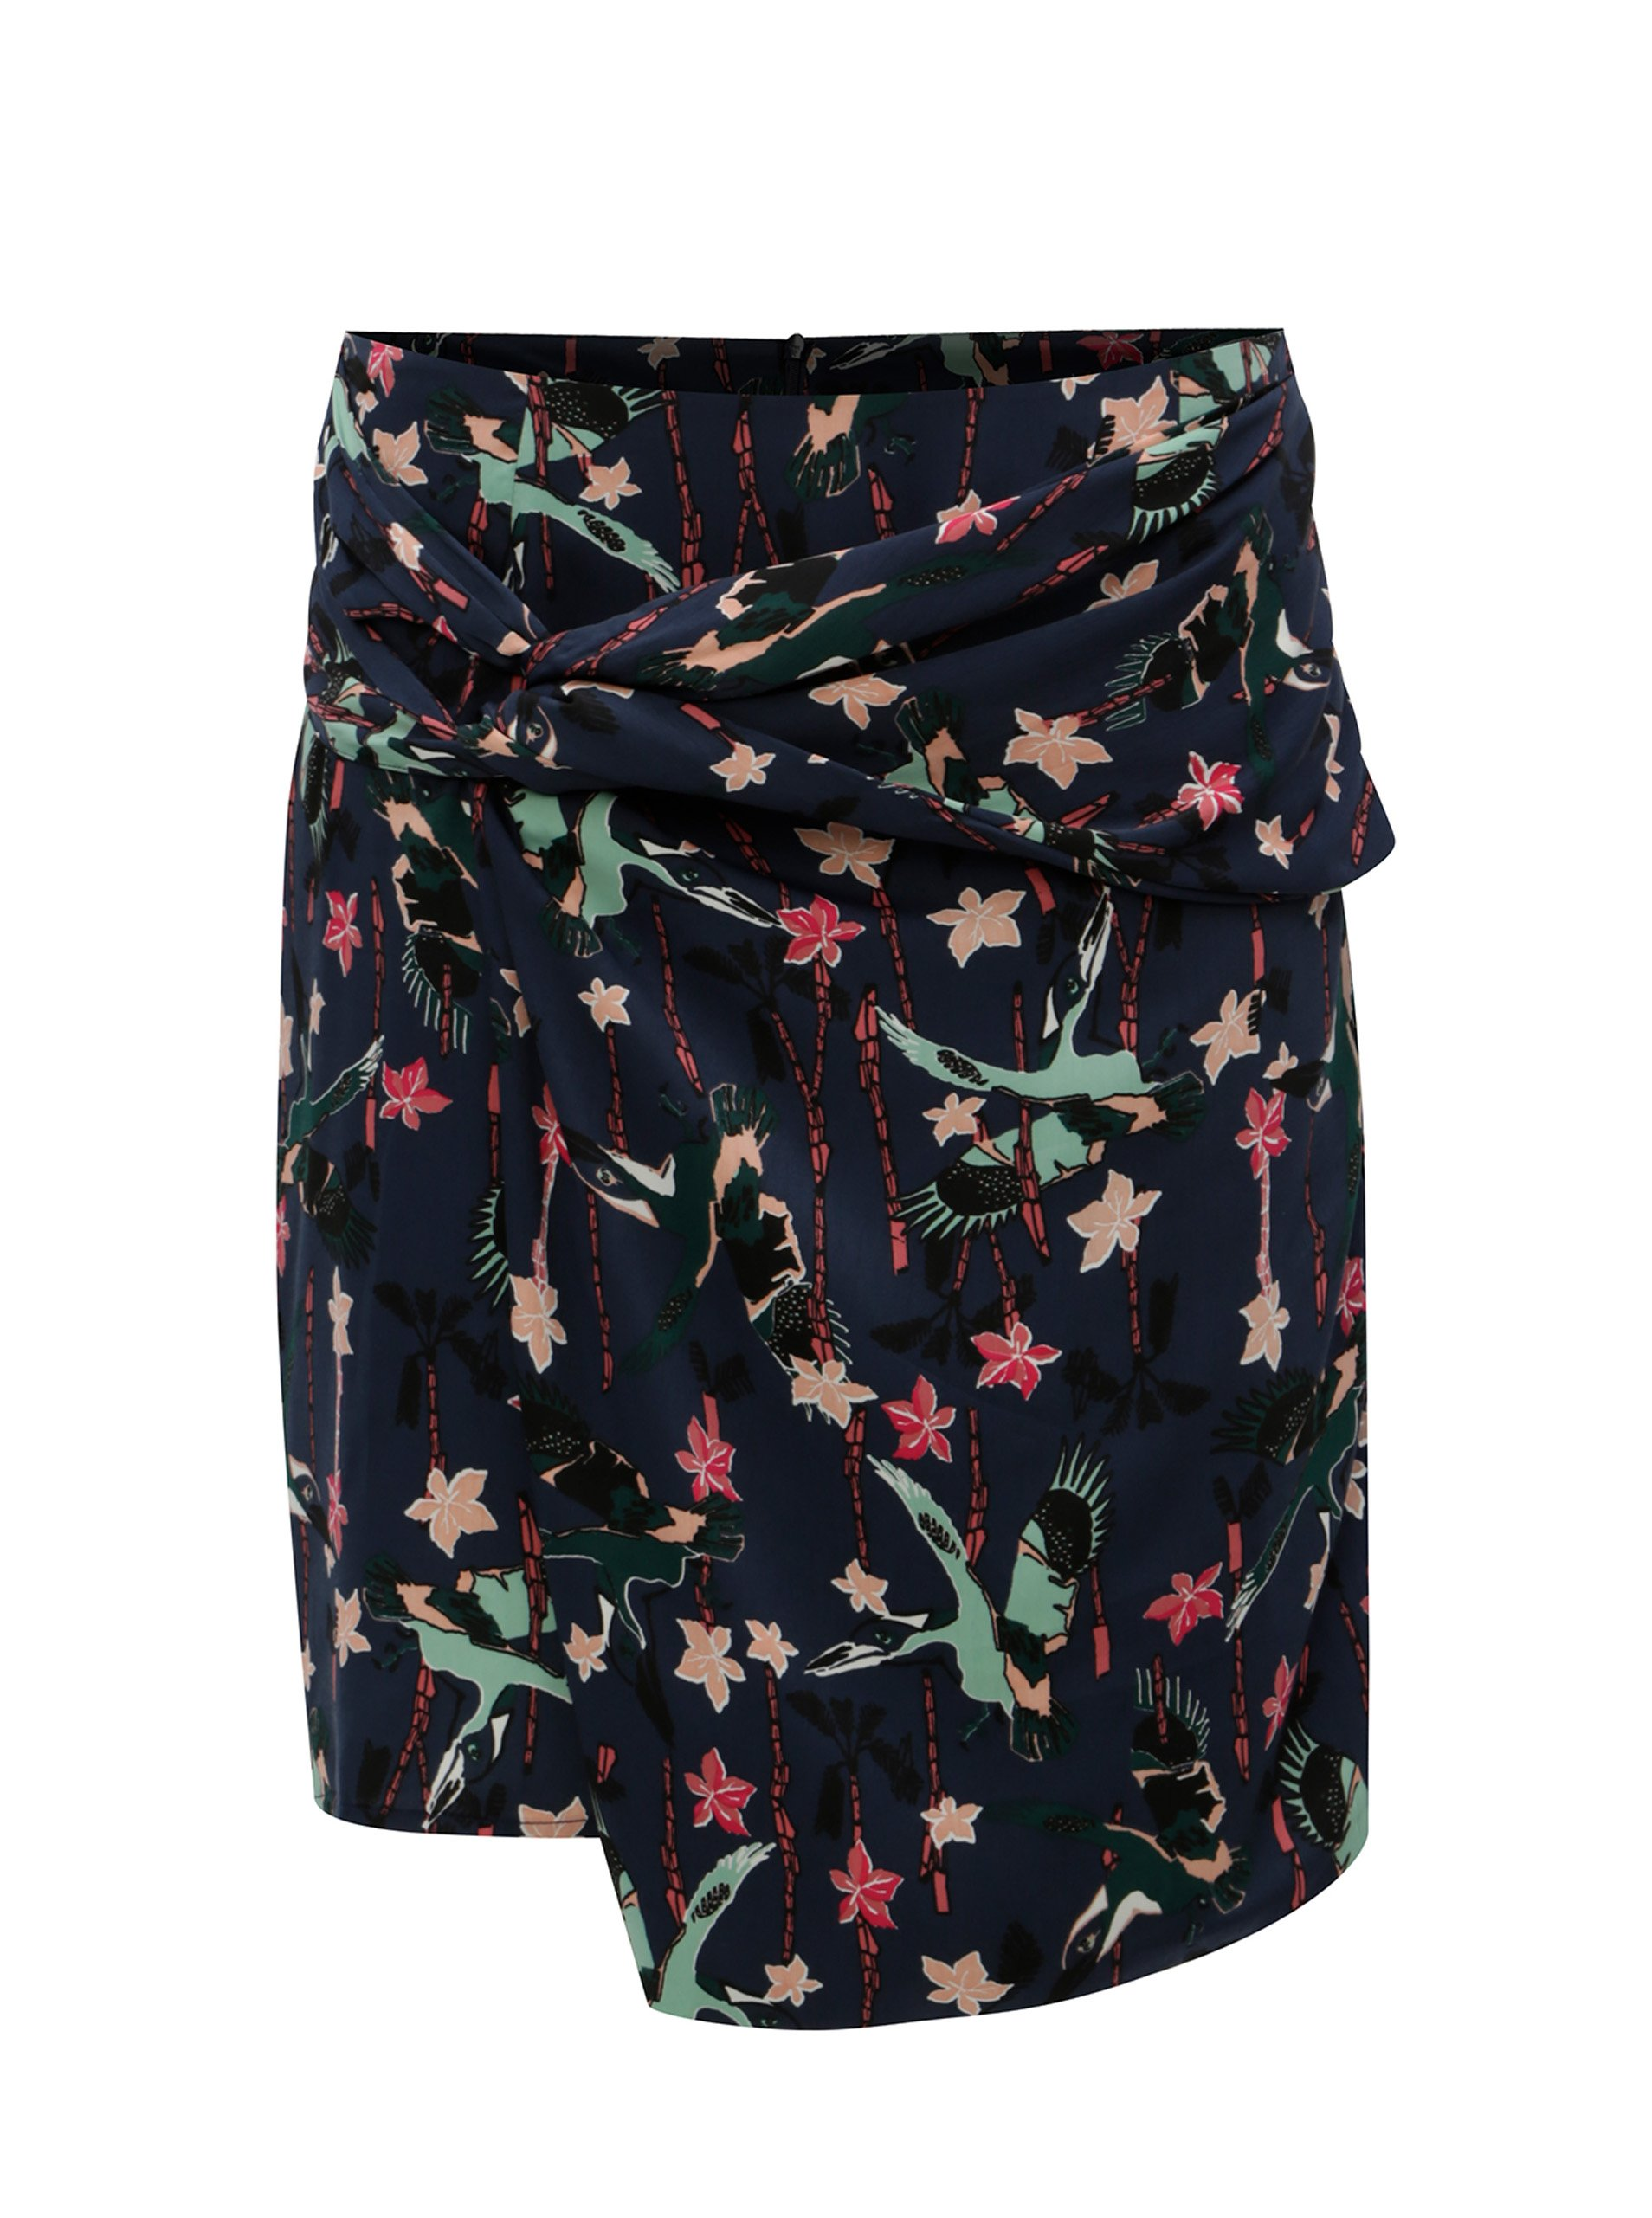 58f33916eb98 Tmavomodrá asymetrická vzorovaná sukňa Garcia Jeans